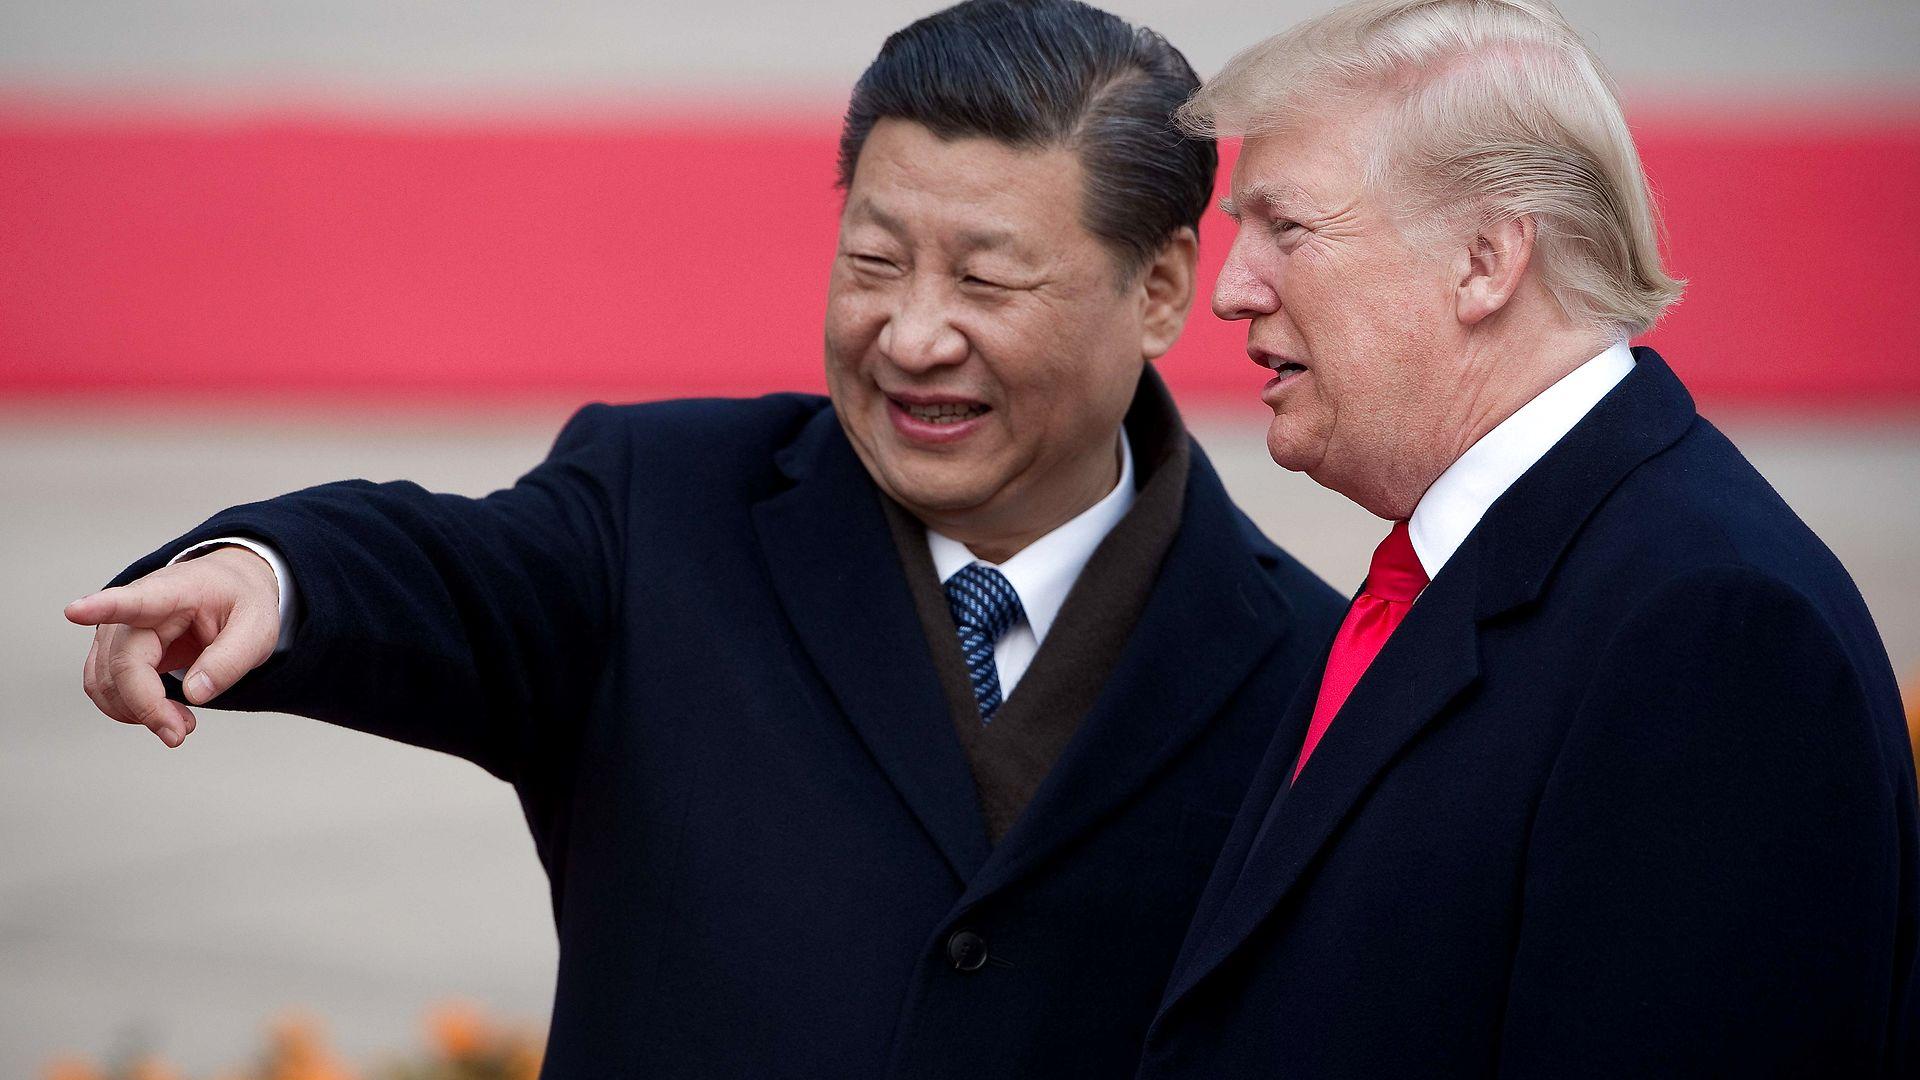 Seniorforsker Matt Bishop: Handelskrigen er en konsekvens af, at vi befinder os ved afslutningen af den neoliberale verdensorden